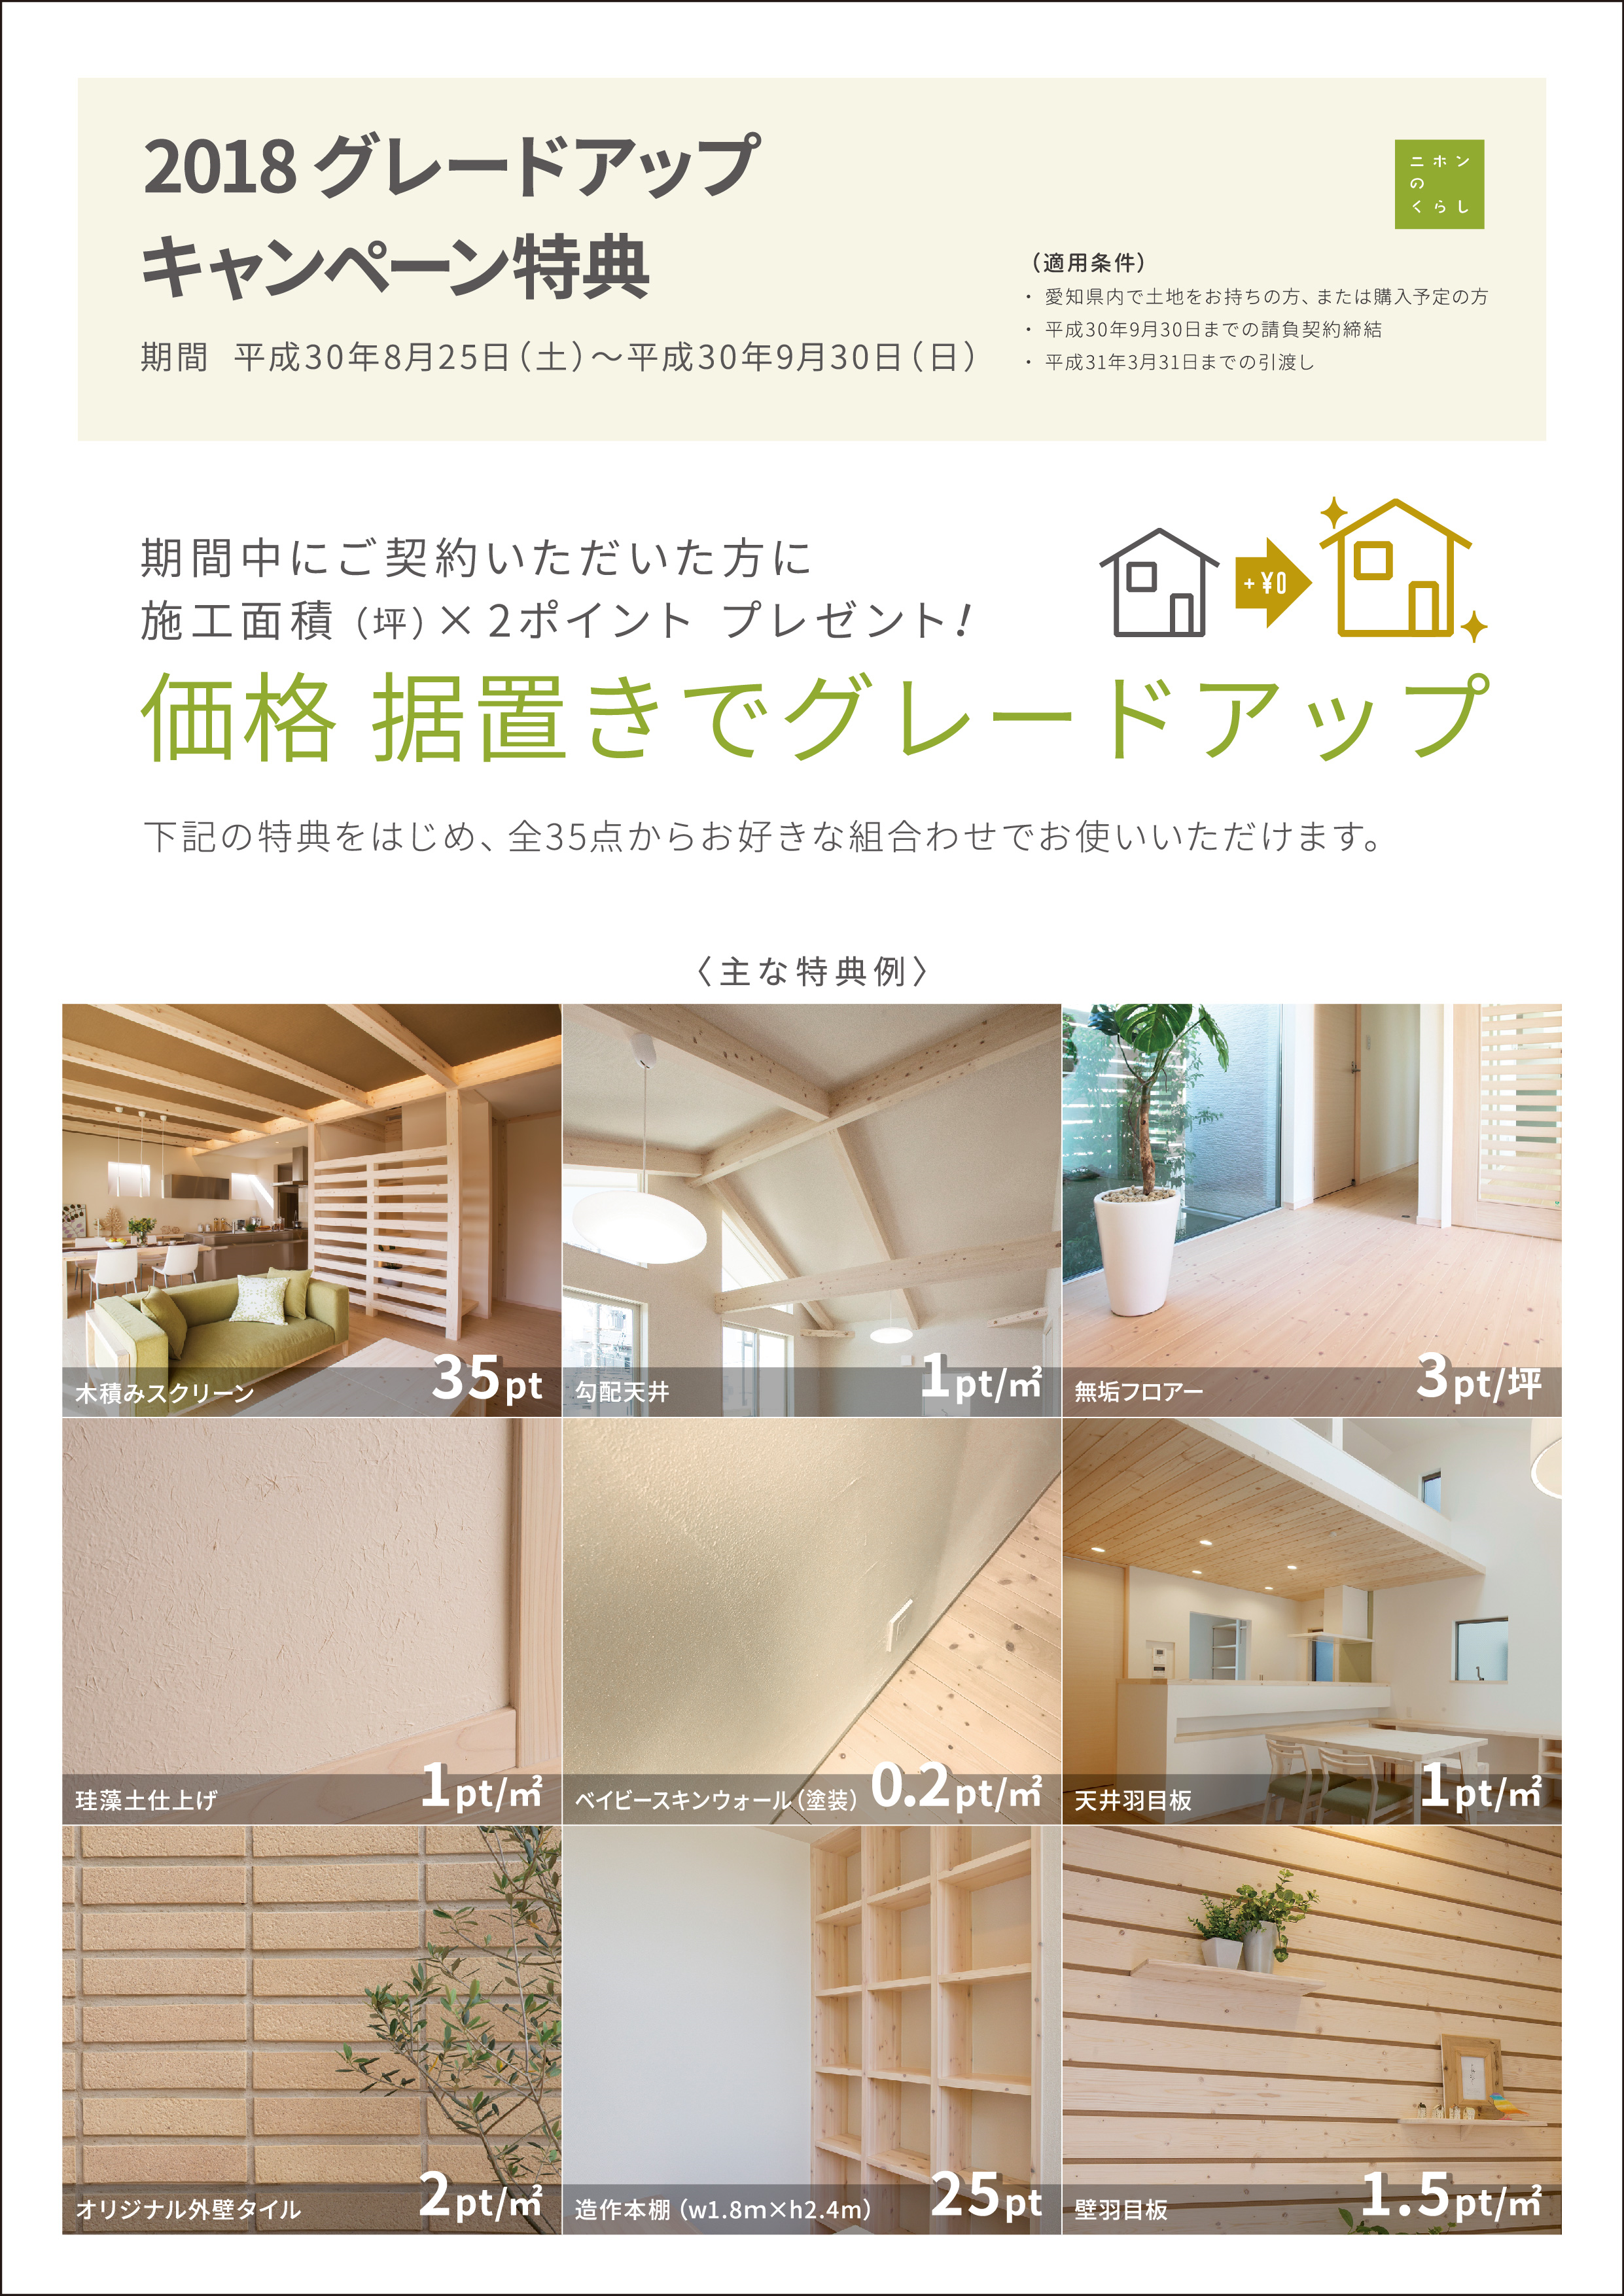 2018グレードアップキャンペーン開催~期間:8/25(土)~9/30(日)